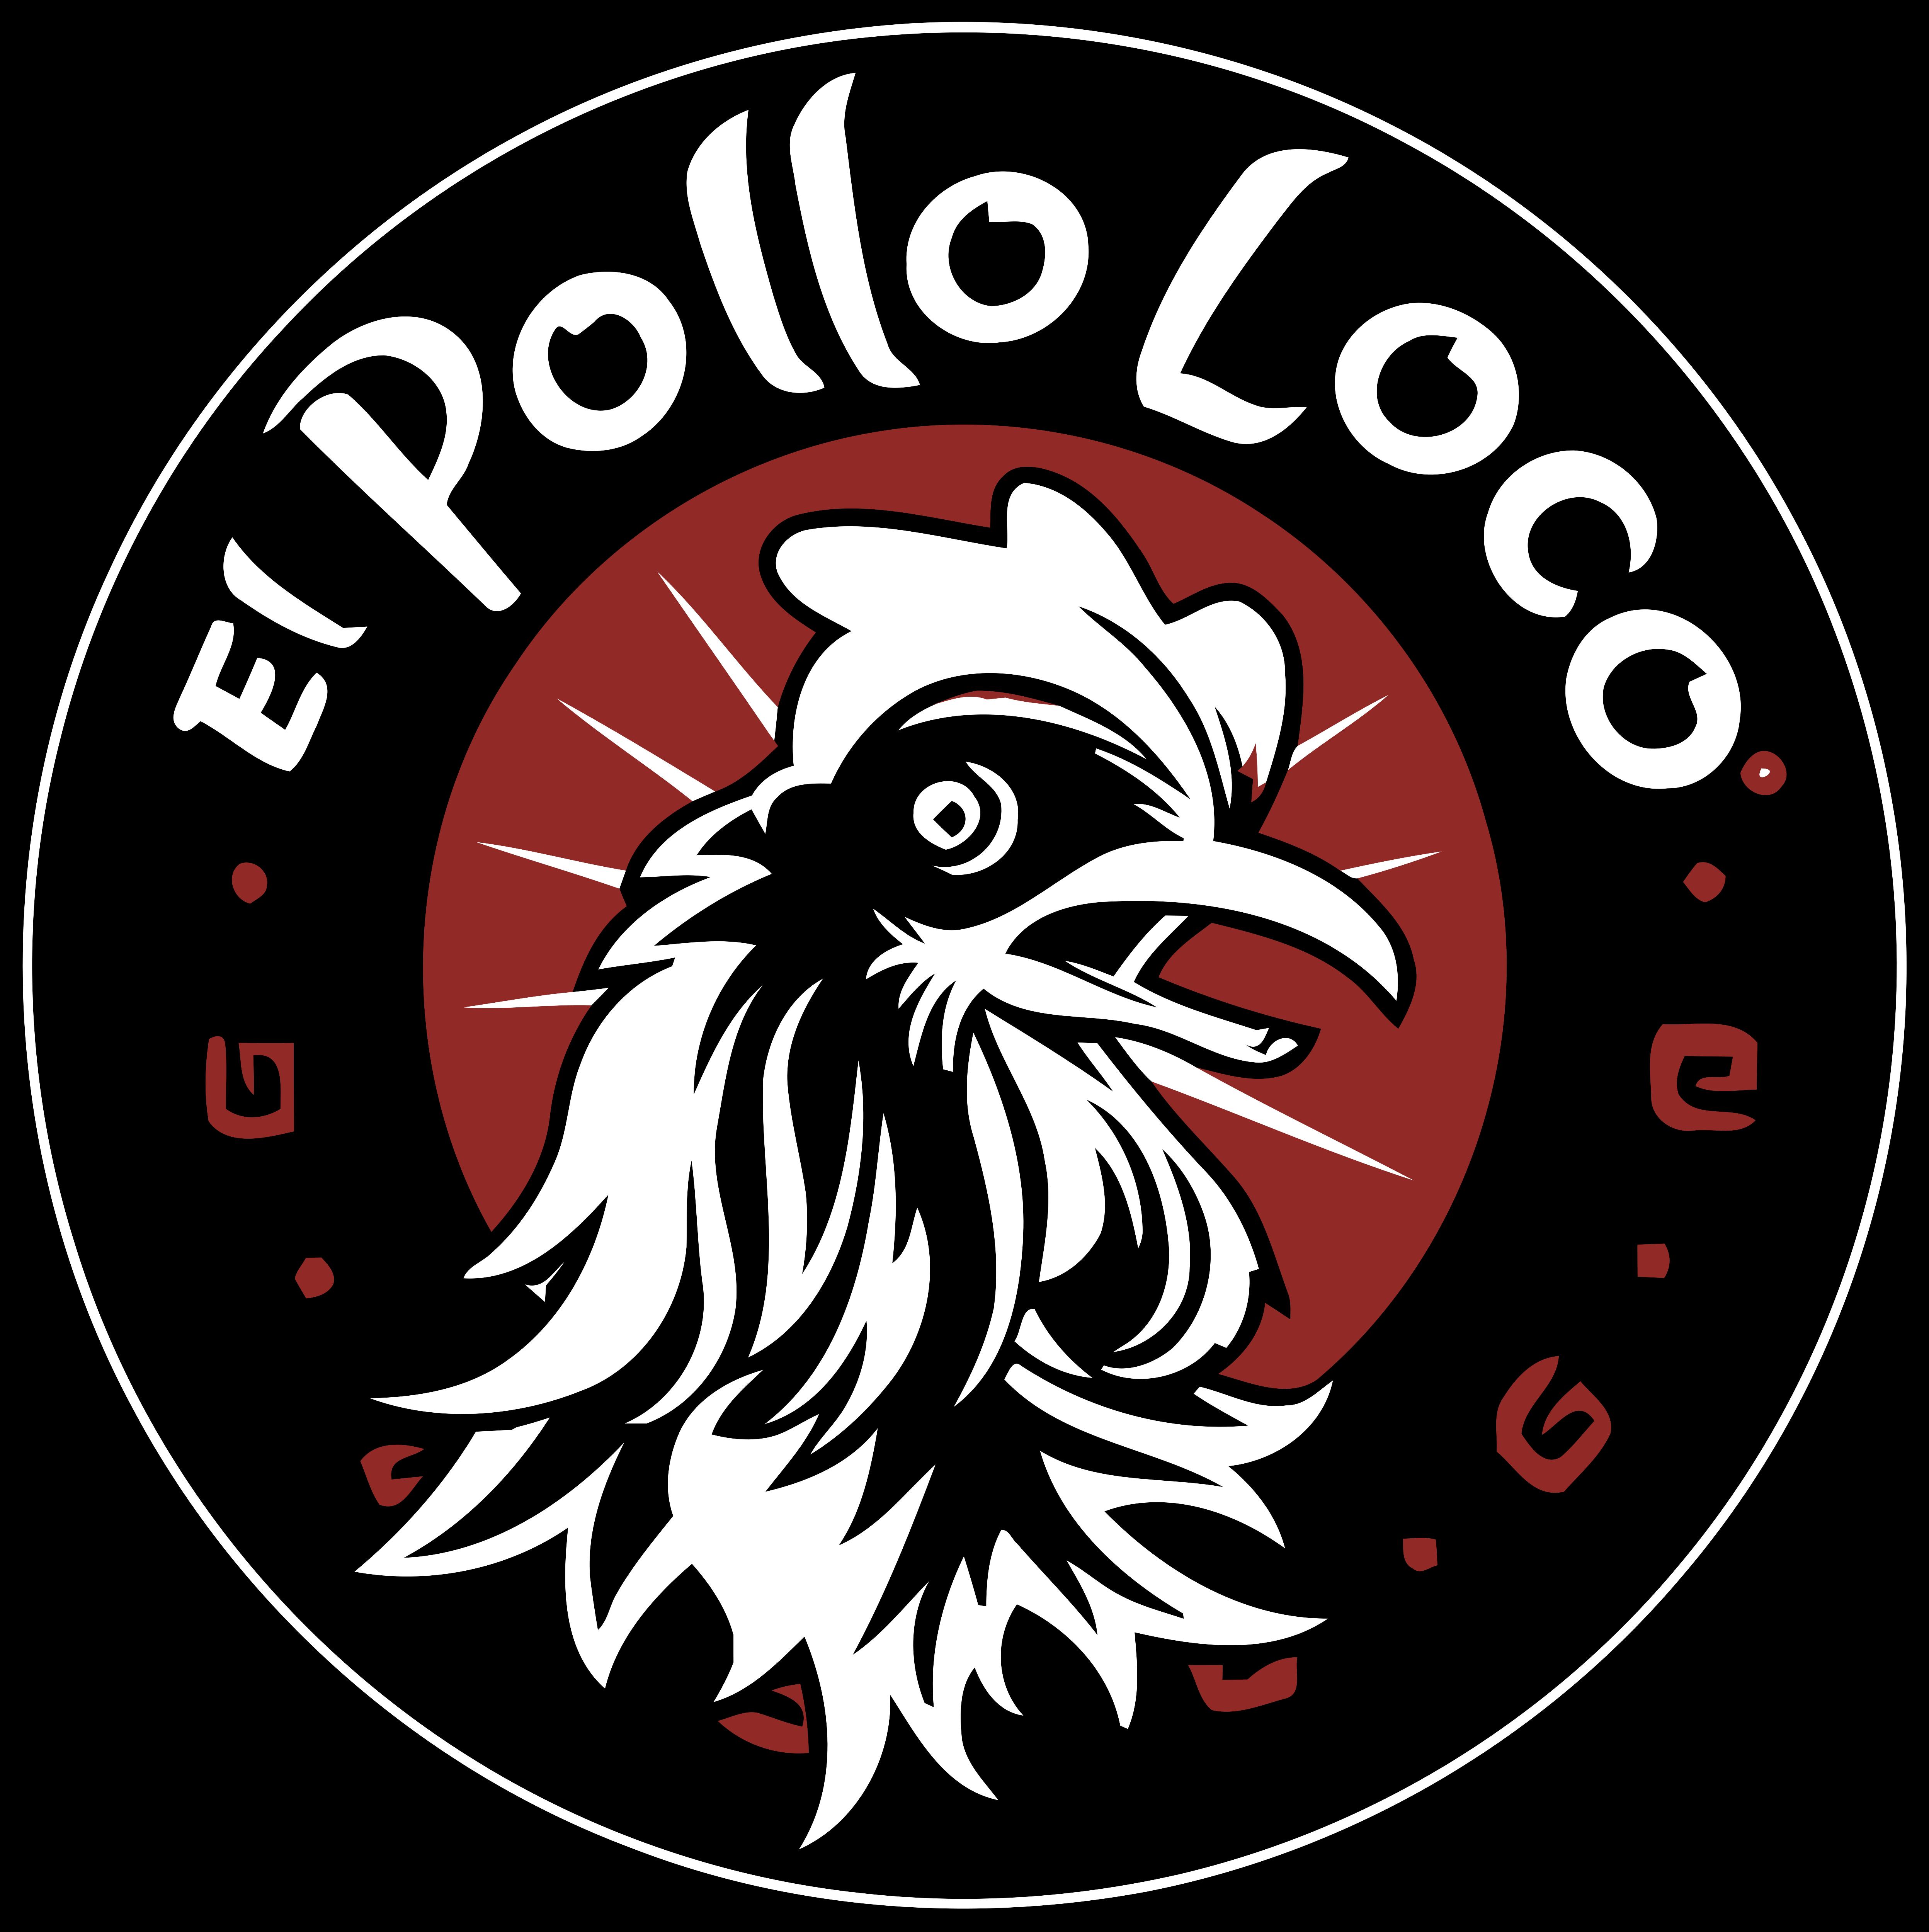 El Pollo Loco.